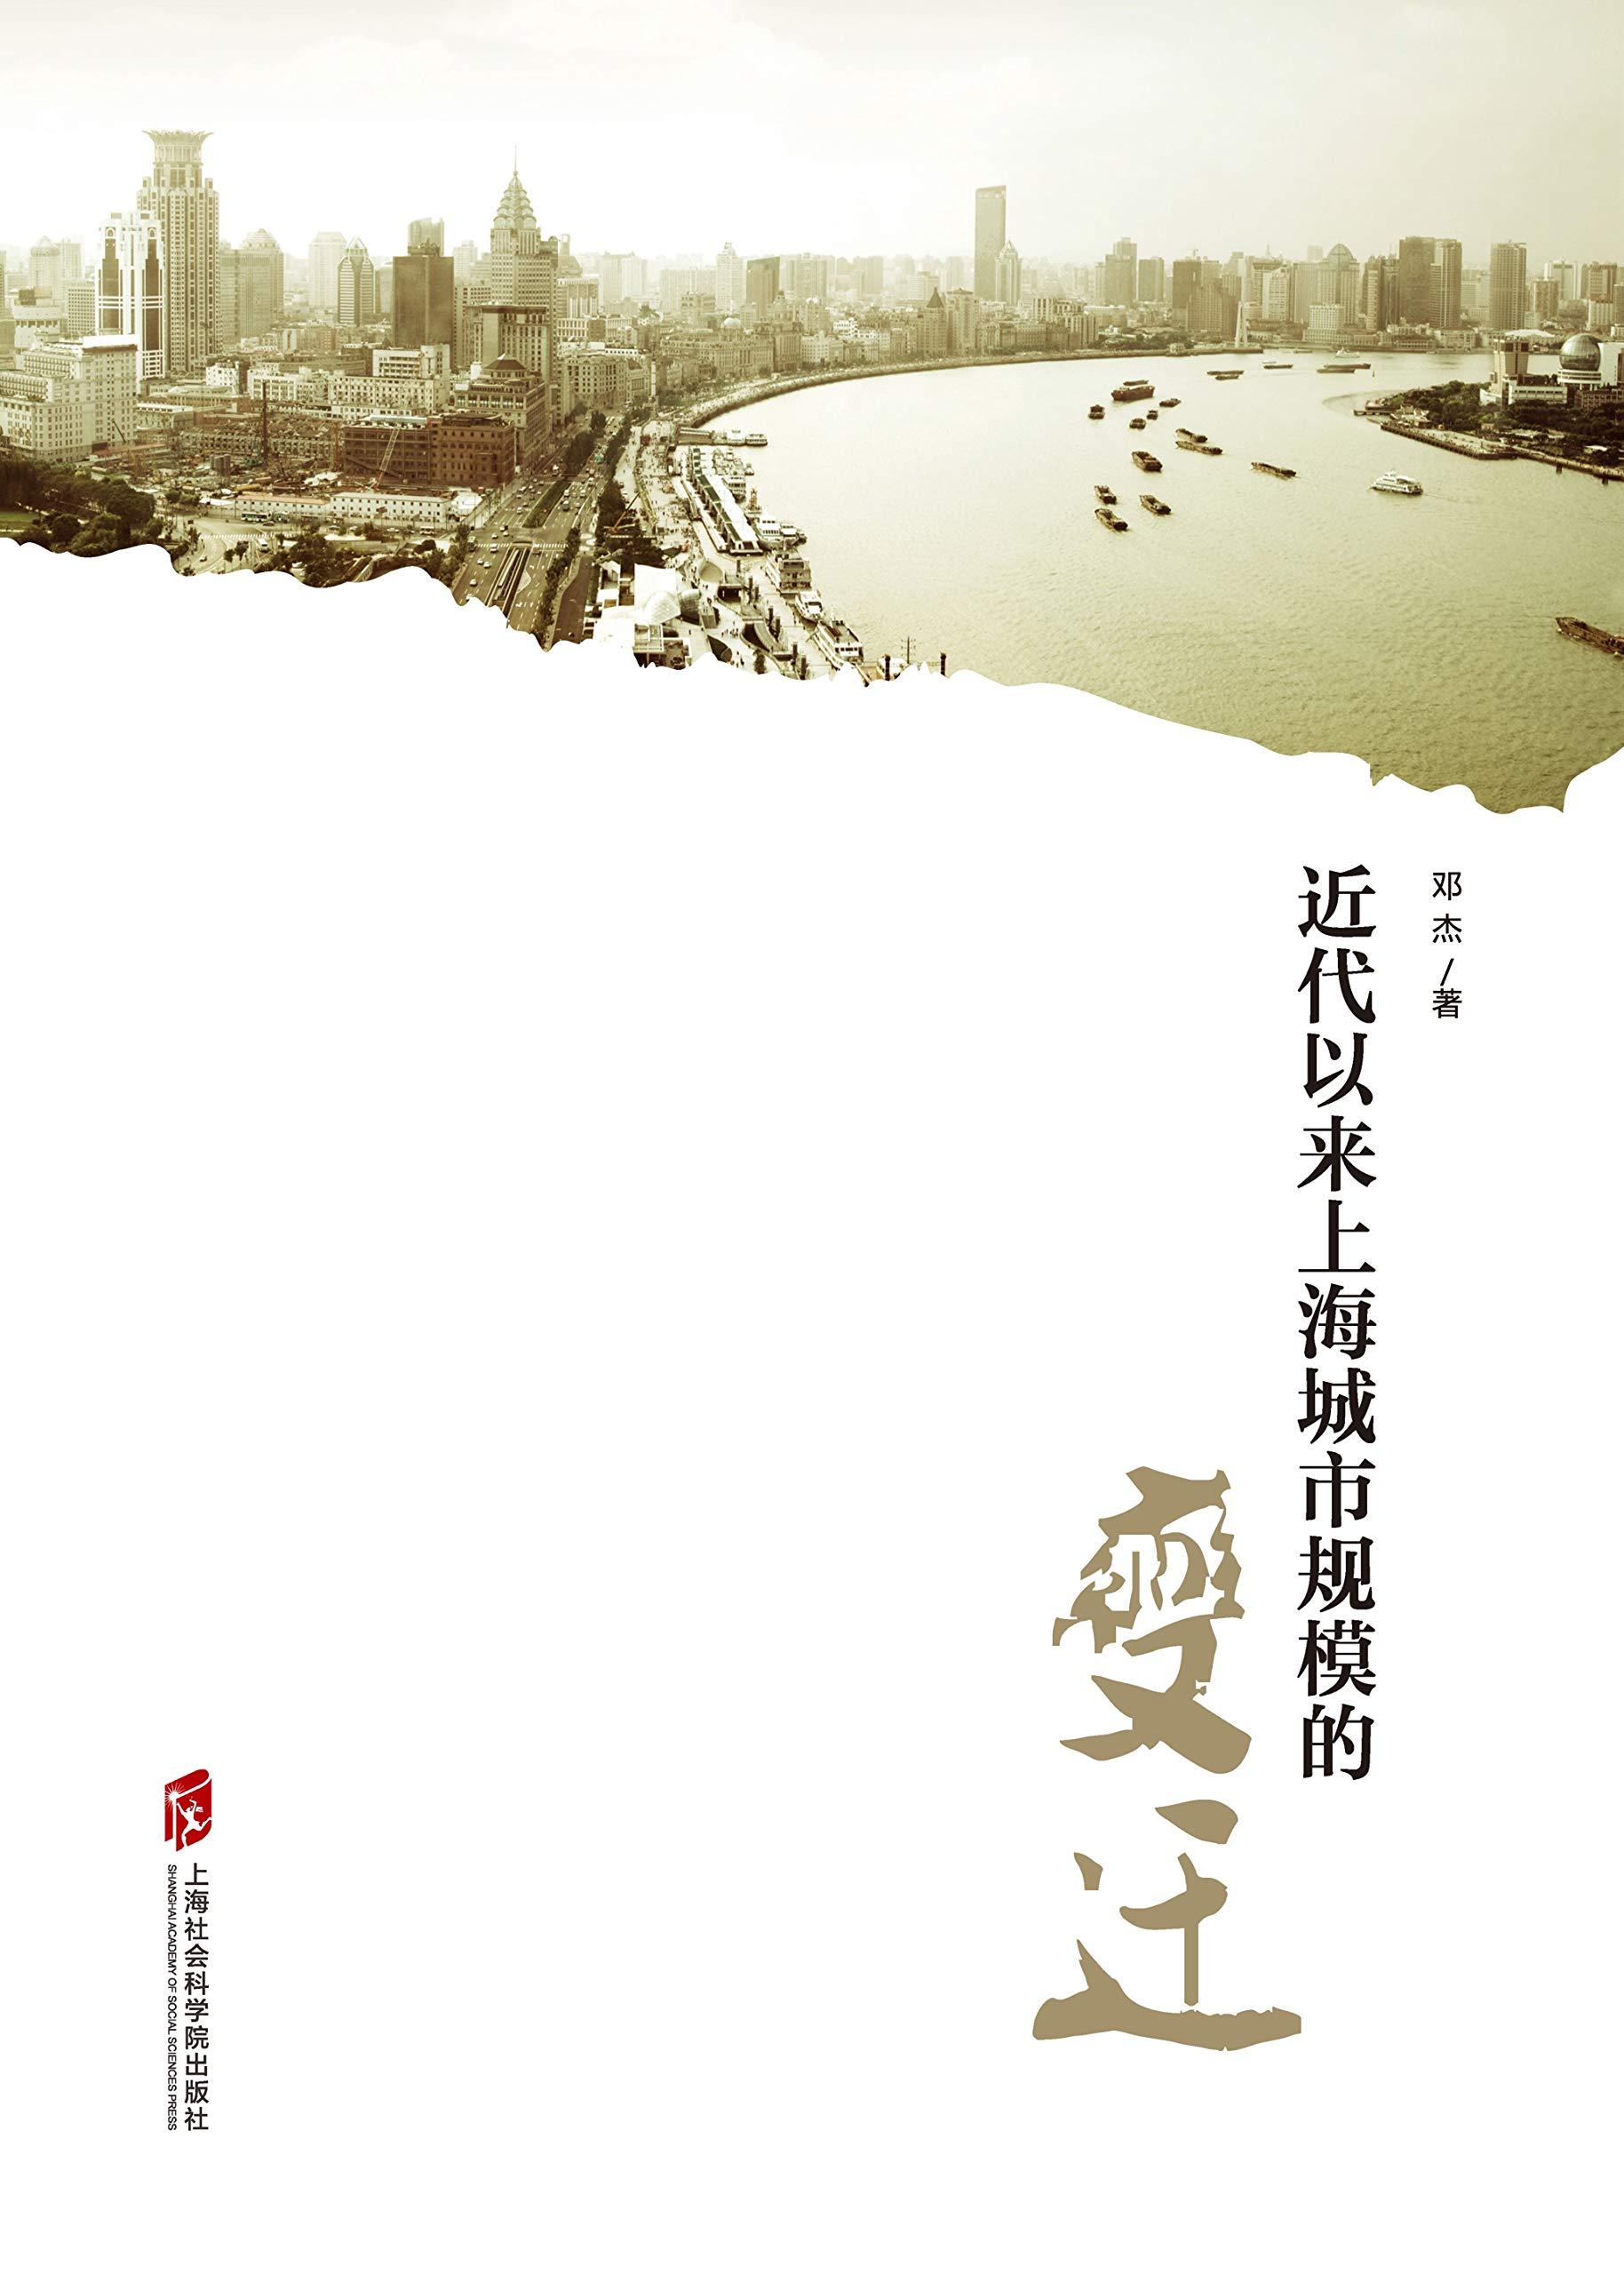 近代以来上海城市规模变迁 (Chinese Edition)